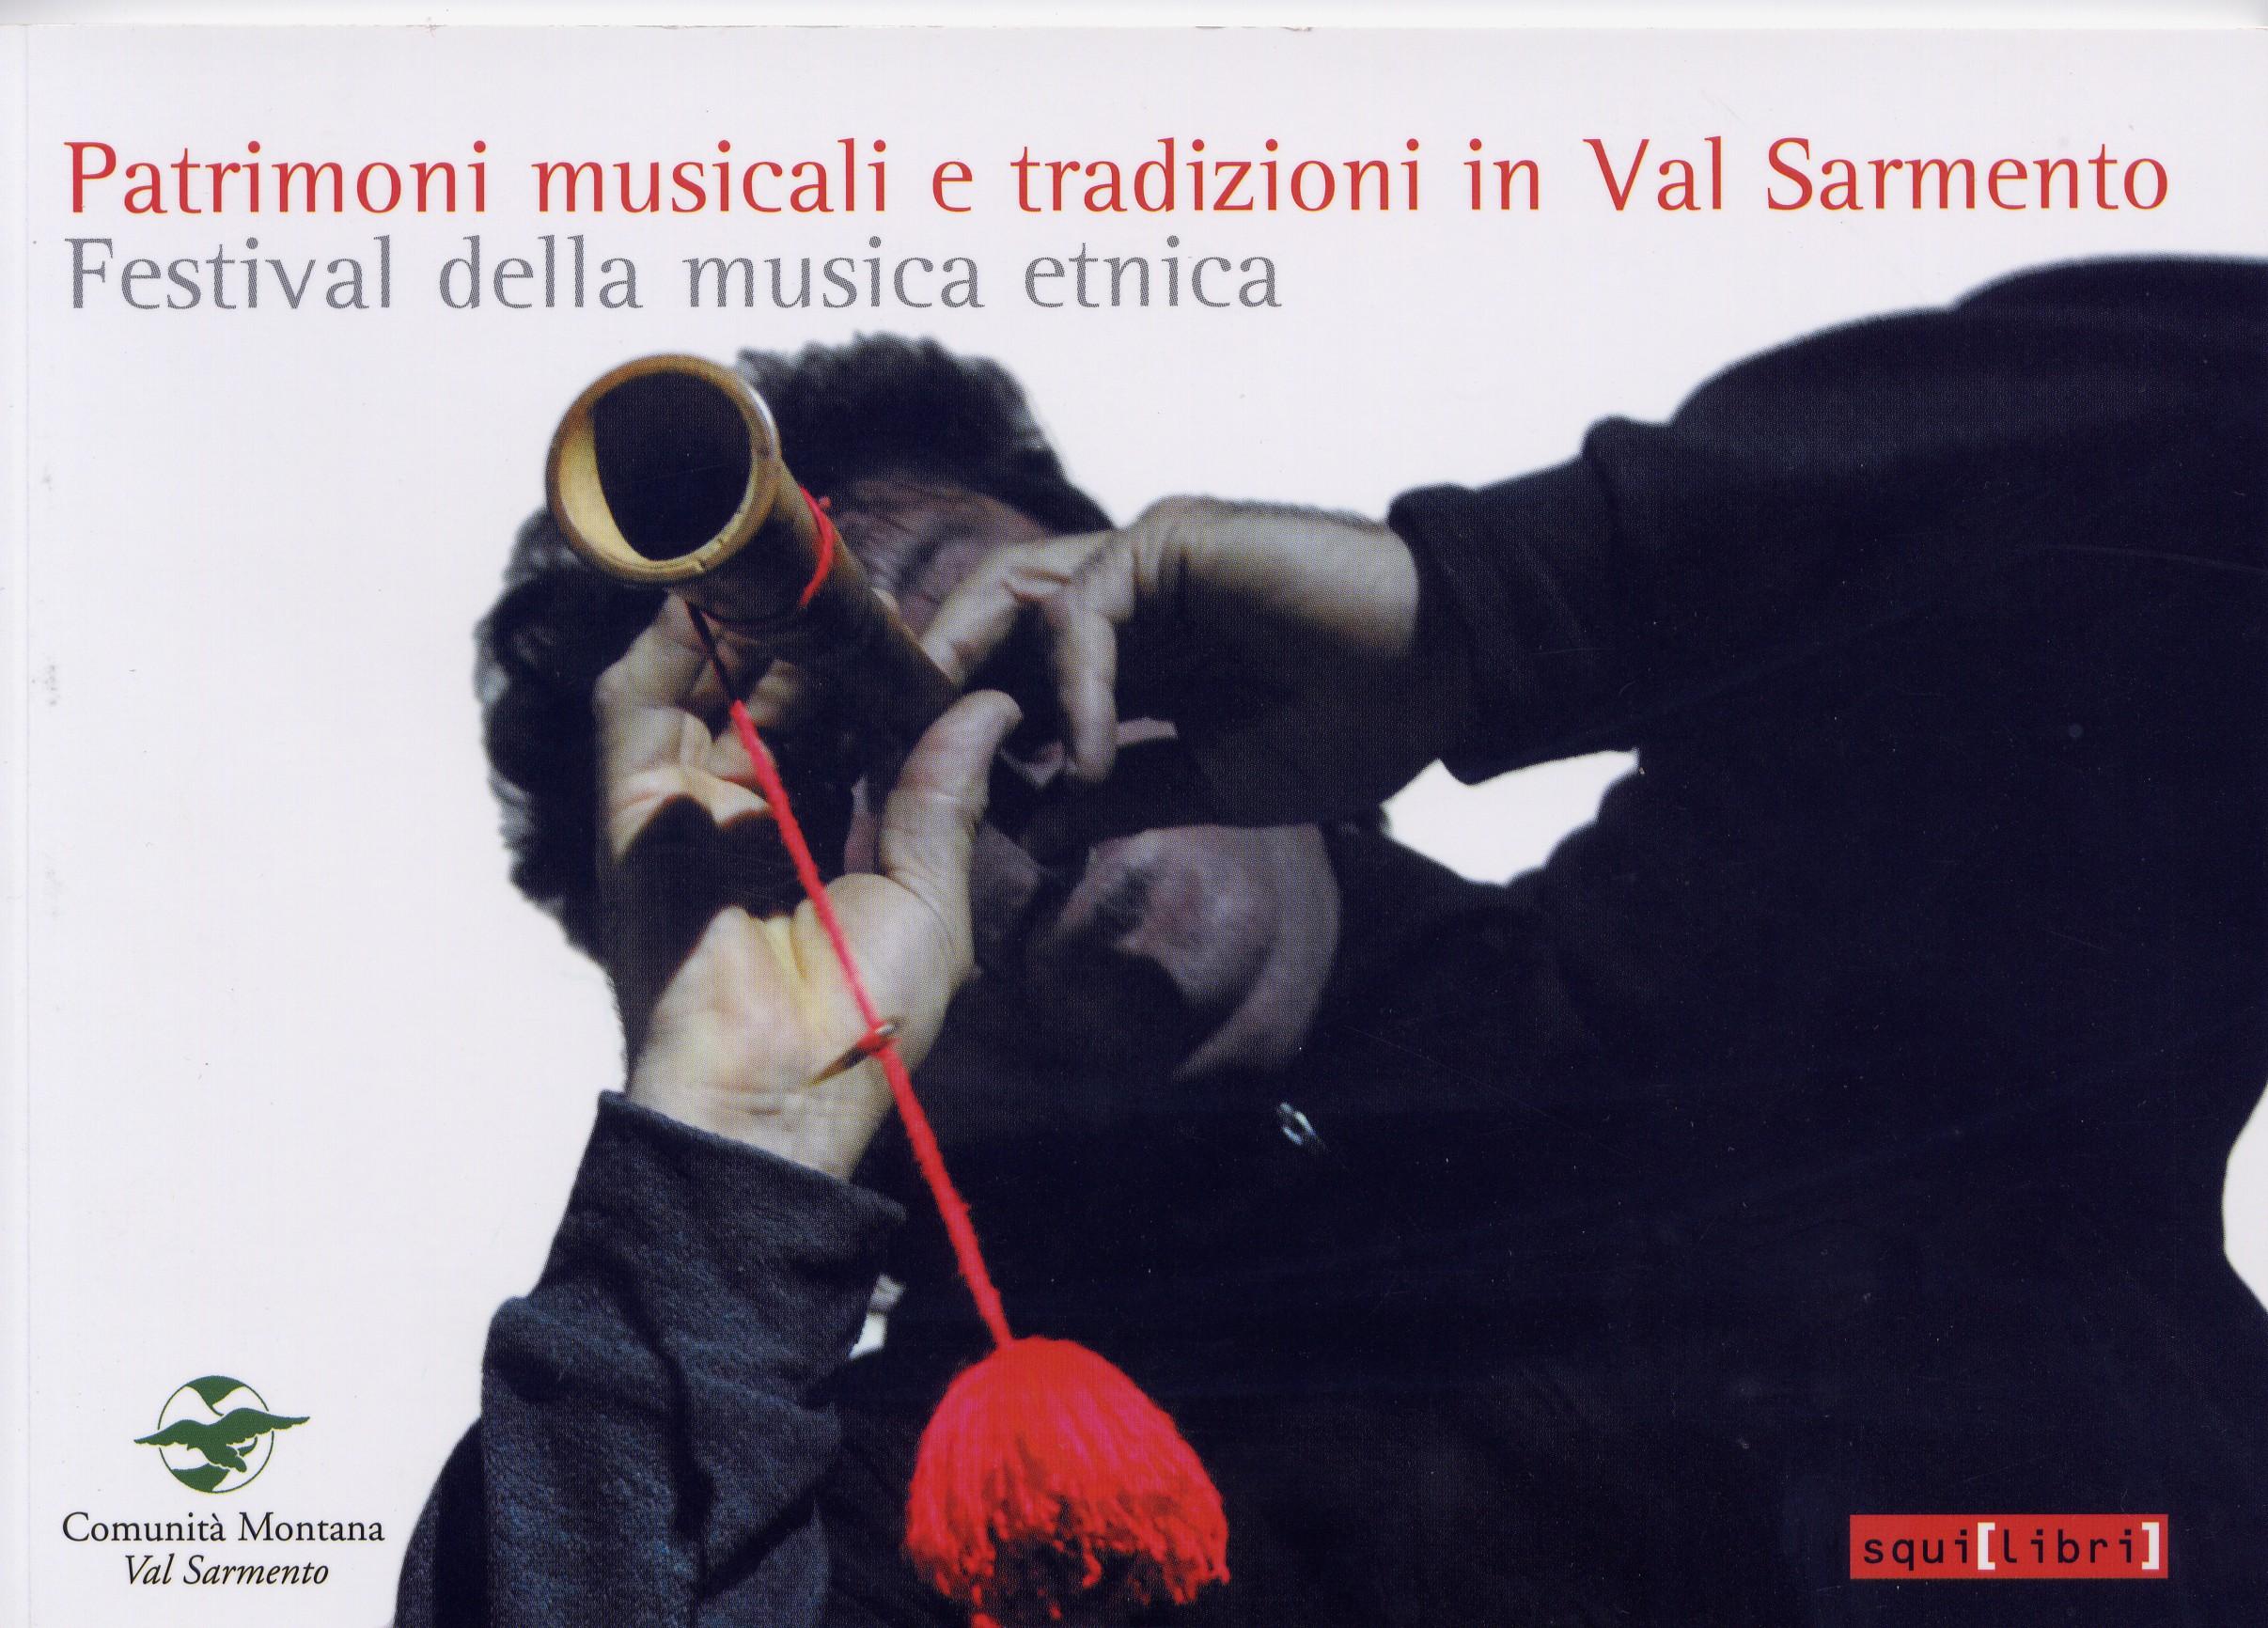 Patrimoni musicali e tradizioni in Val Sarmento